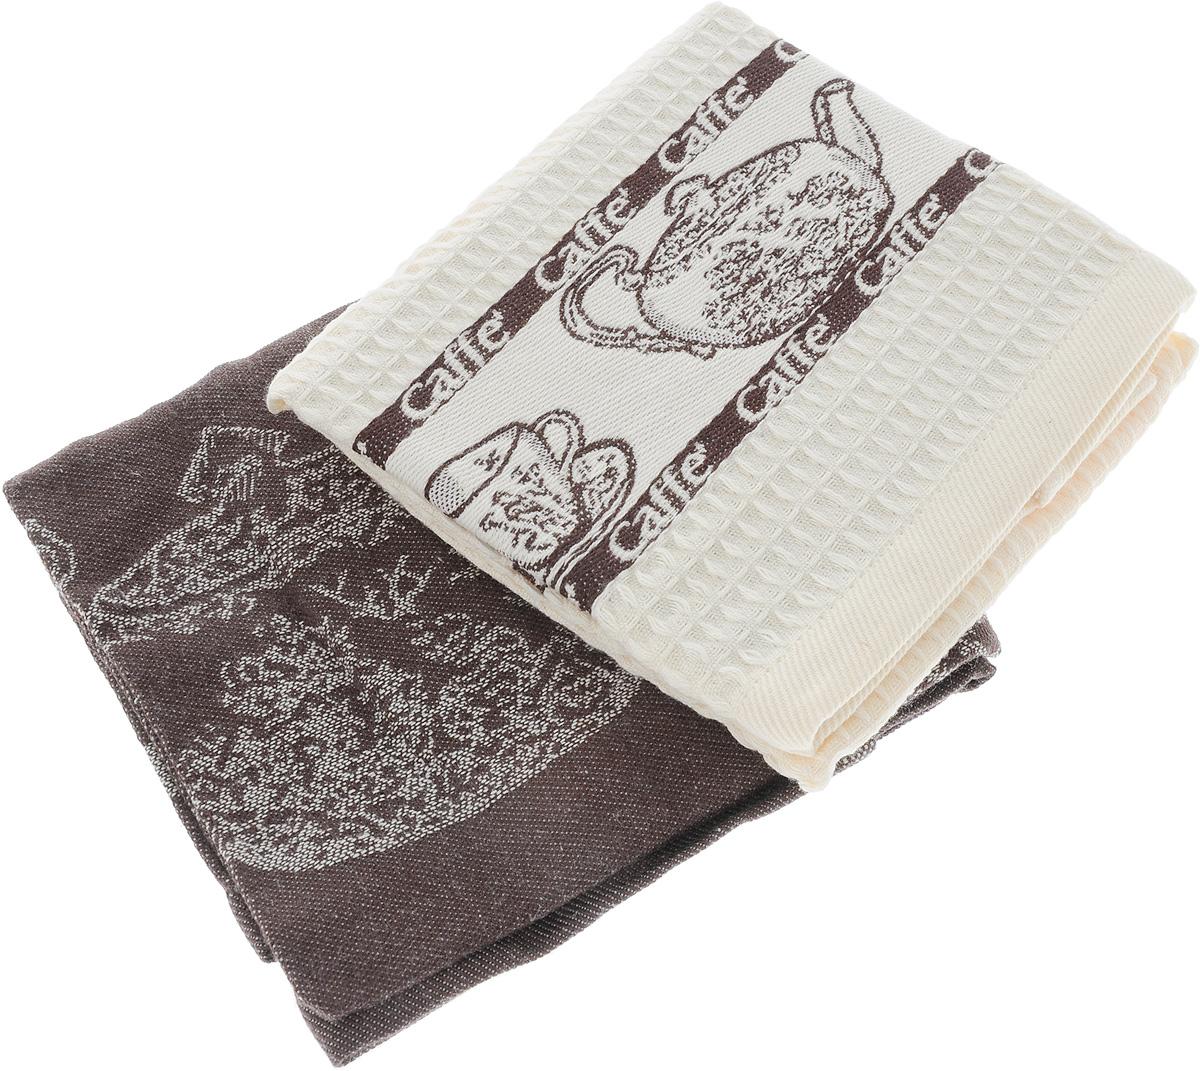 Набор кухонных полотенец Toalla Кофе, цвет: коричневый, бежевый, 40 x 60 см, 2 шт9400448Набор Toalla Кофе состоит из двух прямоугольных полотенец, выполненных из 100% хлопка. Ткань полотенец обладает высокой плотностью и мягкостью, отличается высоким качеством и длительным сроком службы. В процессе эксплуатации материал становится только мягче и приятней на ощупь. Египетский хлопок не содержит линта (хлопковый пух), поэтому на ткани не образуются катышки даже после многократных стирок и длительного использования. Сверхдлинные волокна придают ткани характерный красивый блеск. Полотенца отлично впитывают влагу и быстро сохнут. Набор предназначен для использования на кухне и в столовой. Полотенца дополнены изящным вышитым бордюром. Набор полотенец Toalla Кофе - отличное приобретение для каждой хозяйки.